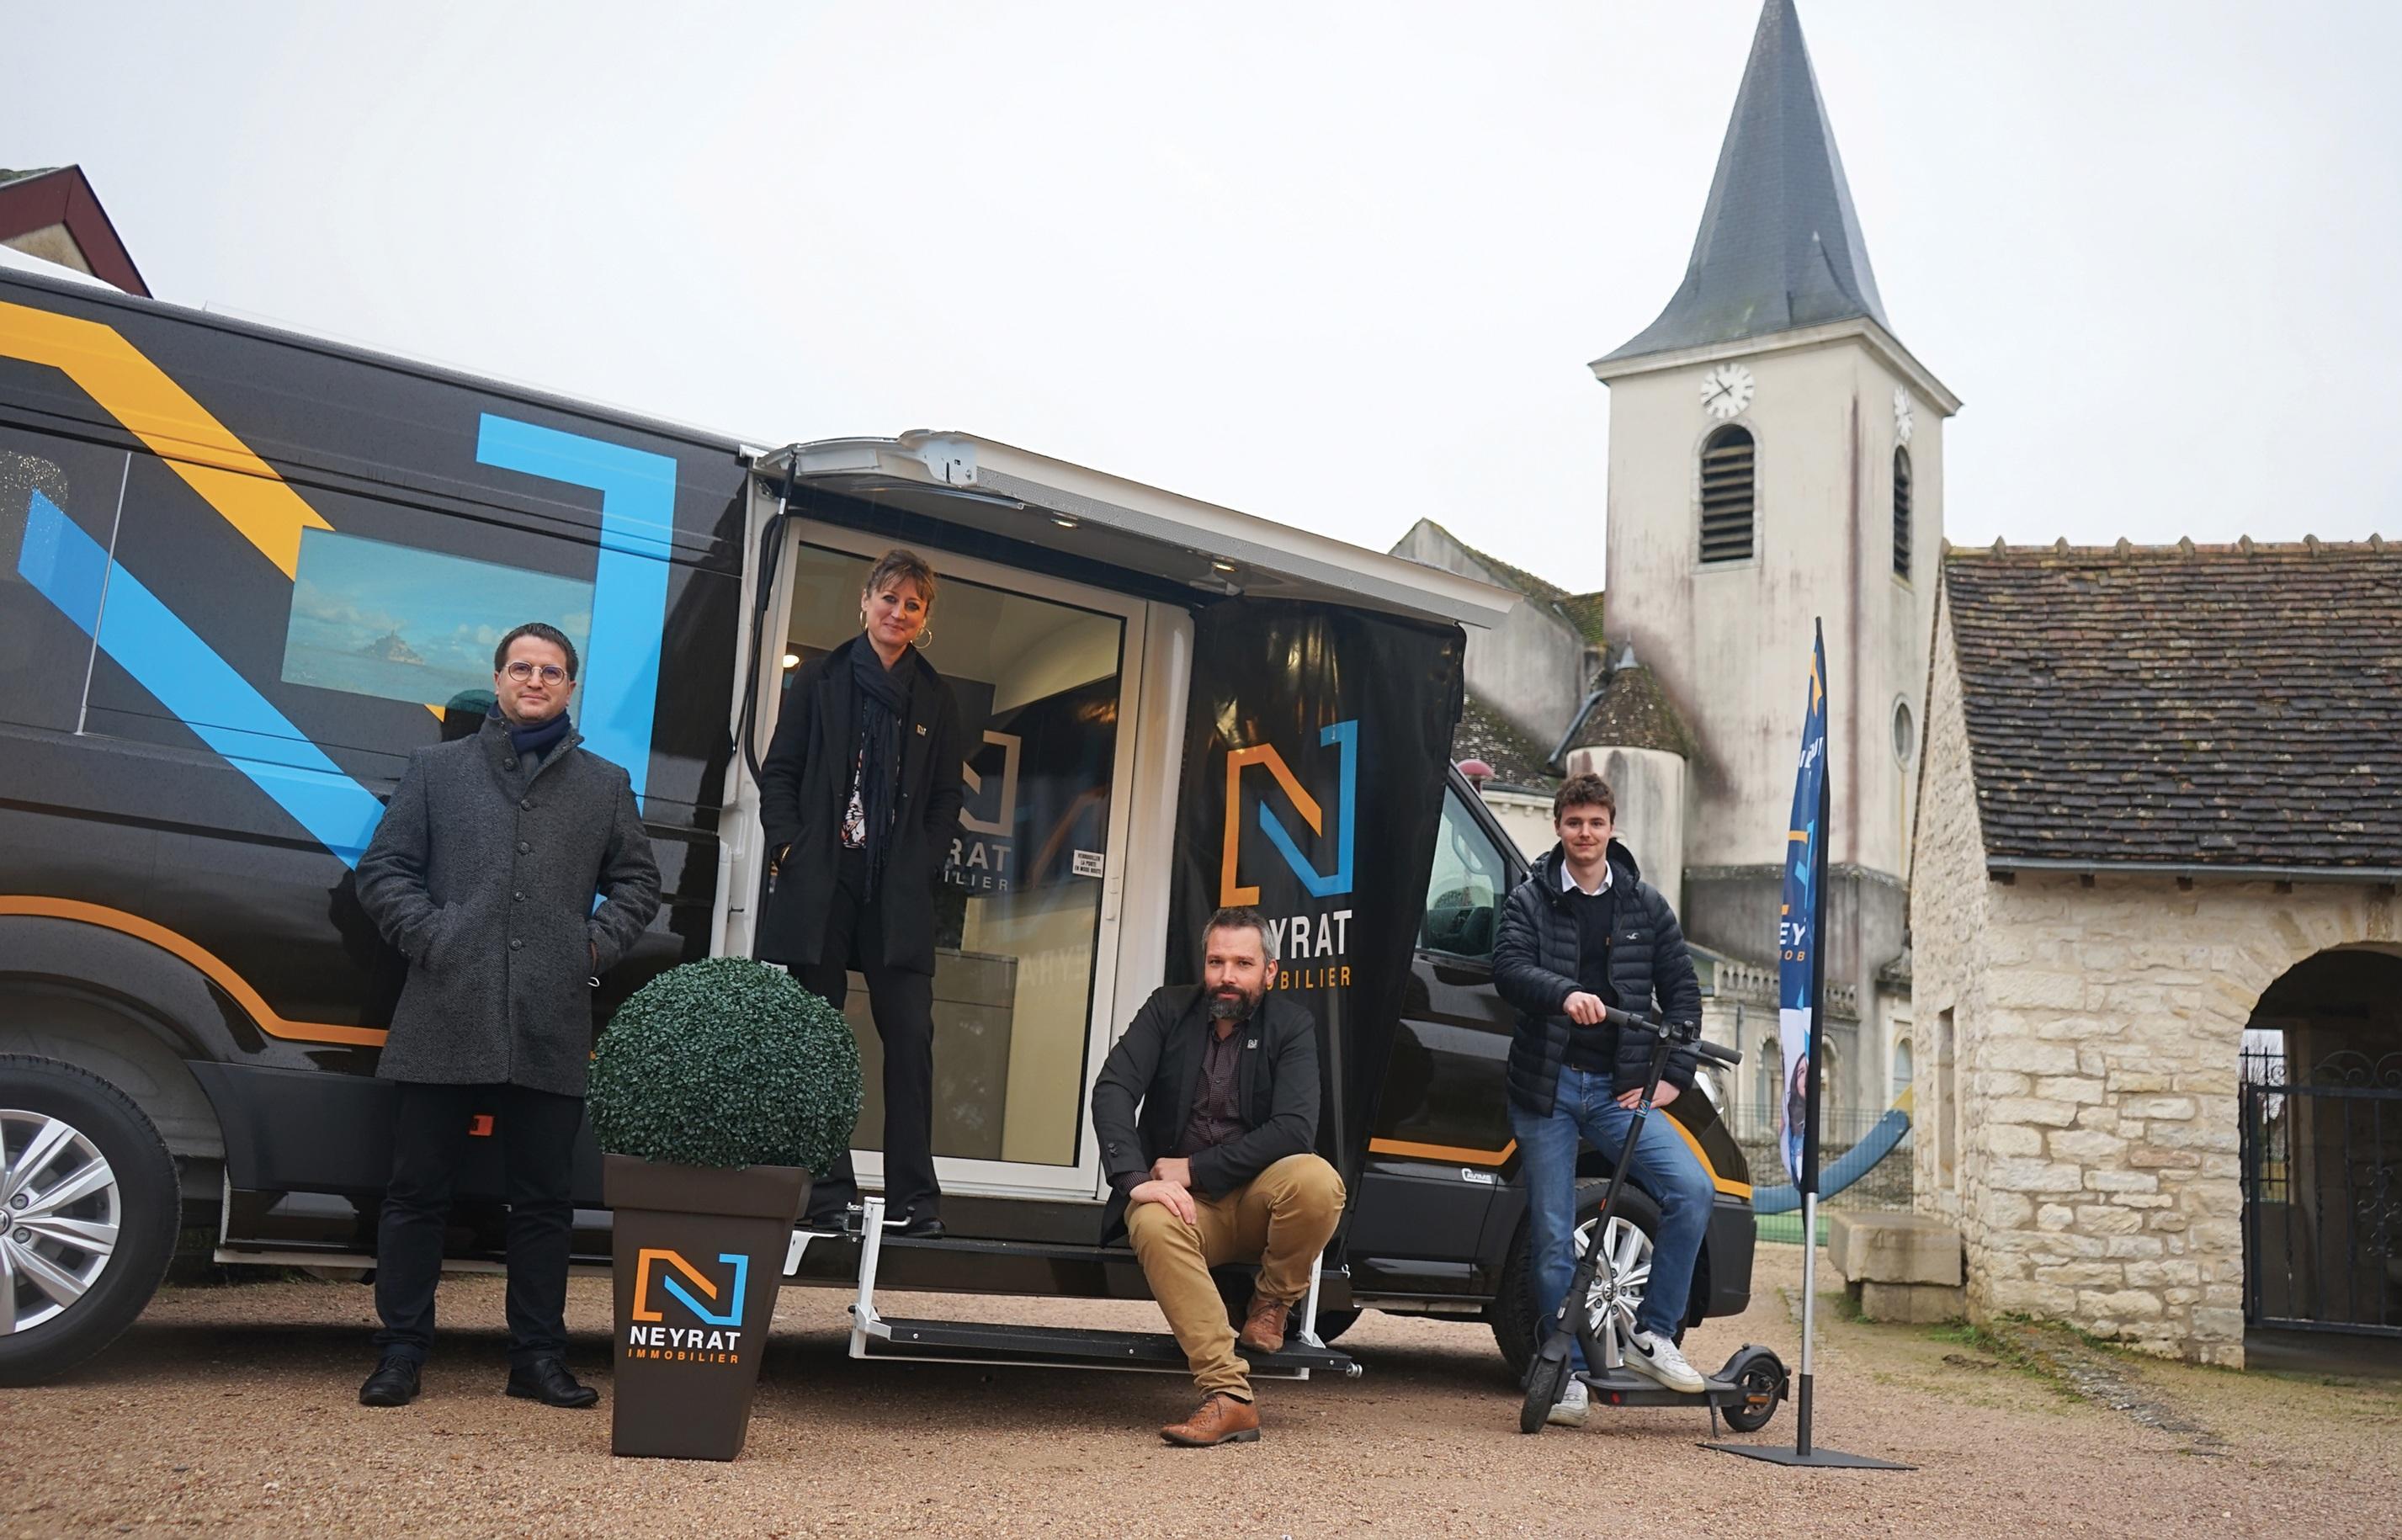 Avec son camion mobile, Neyrat Immobilier devient l'agence des clochers